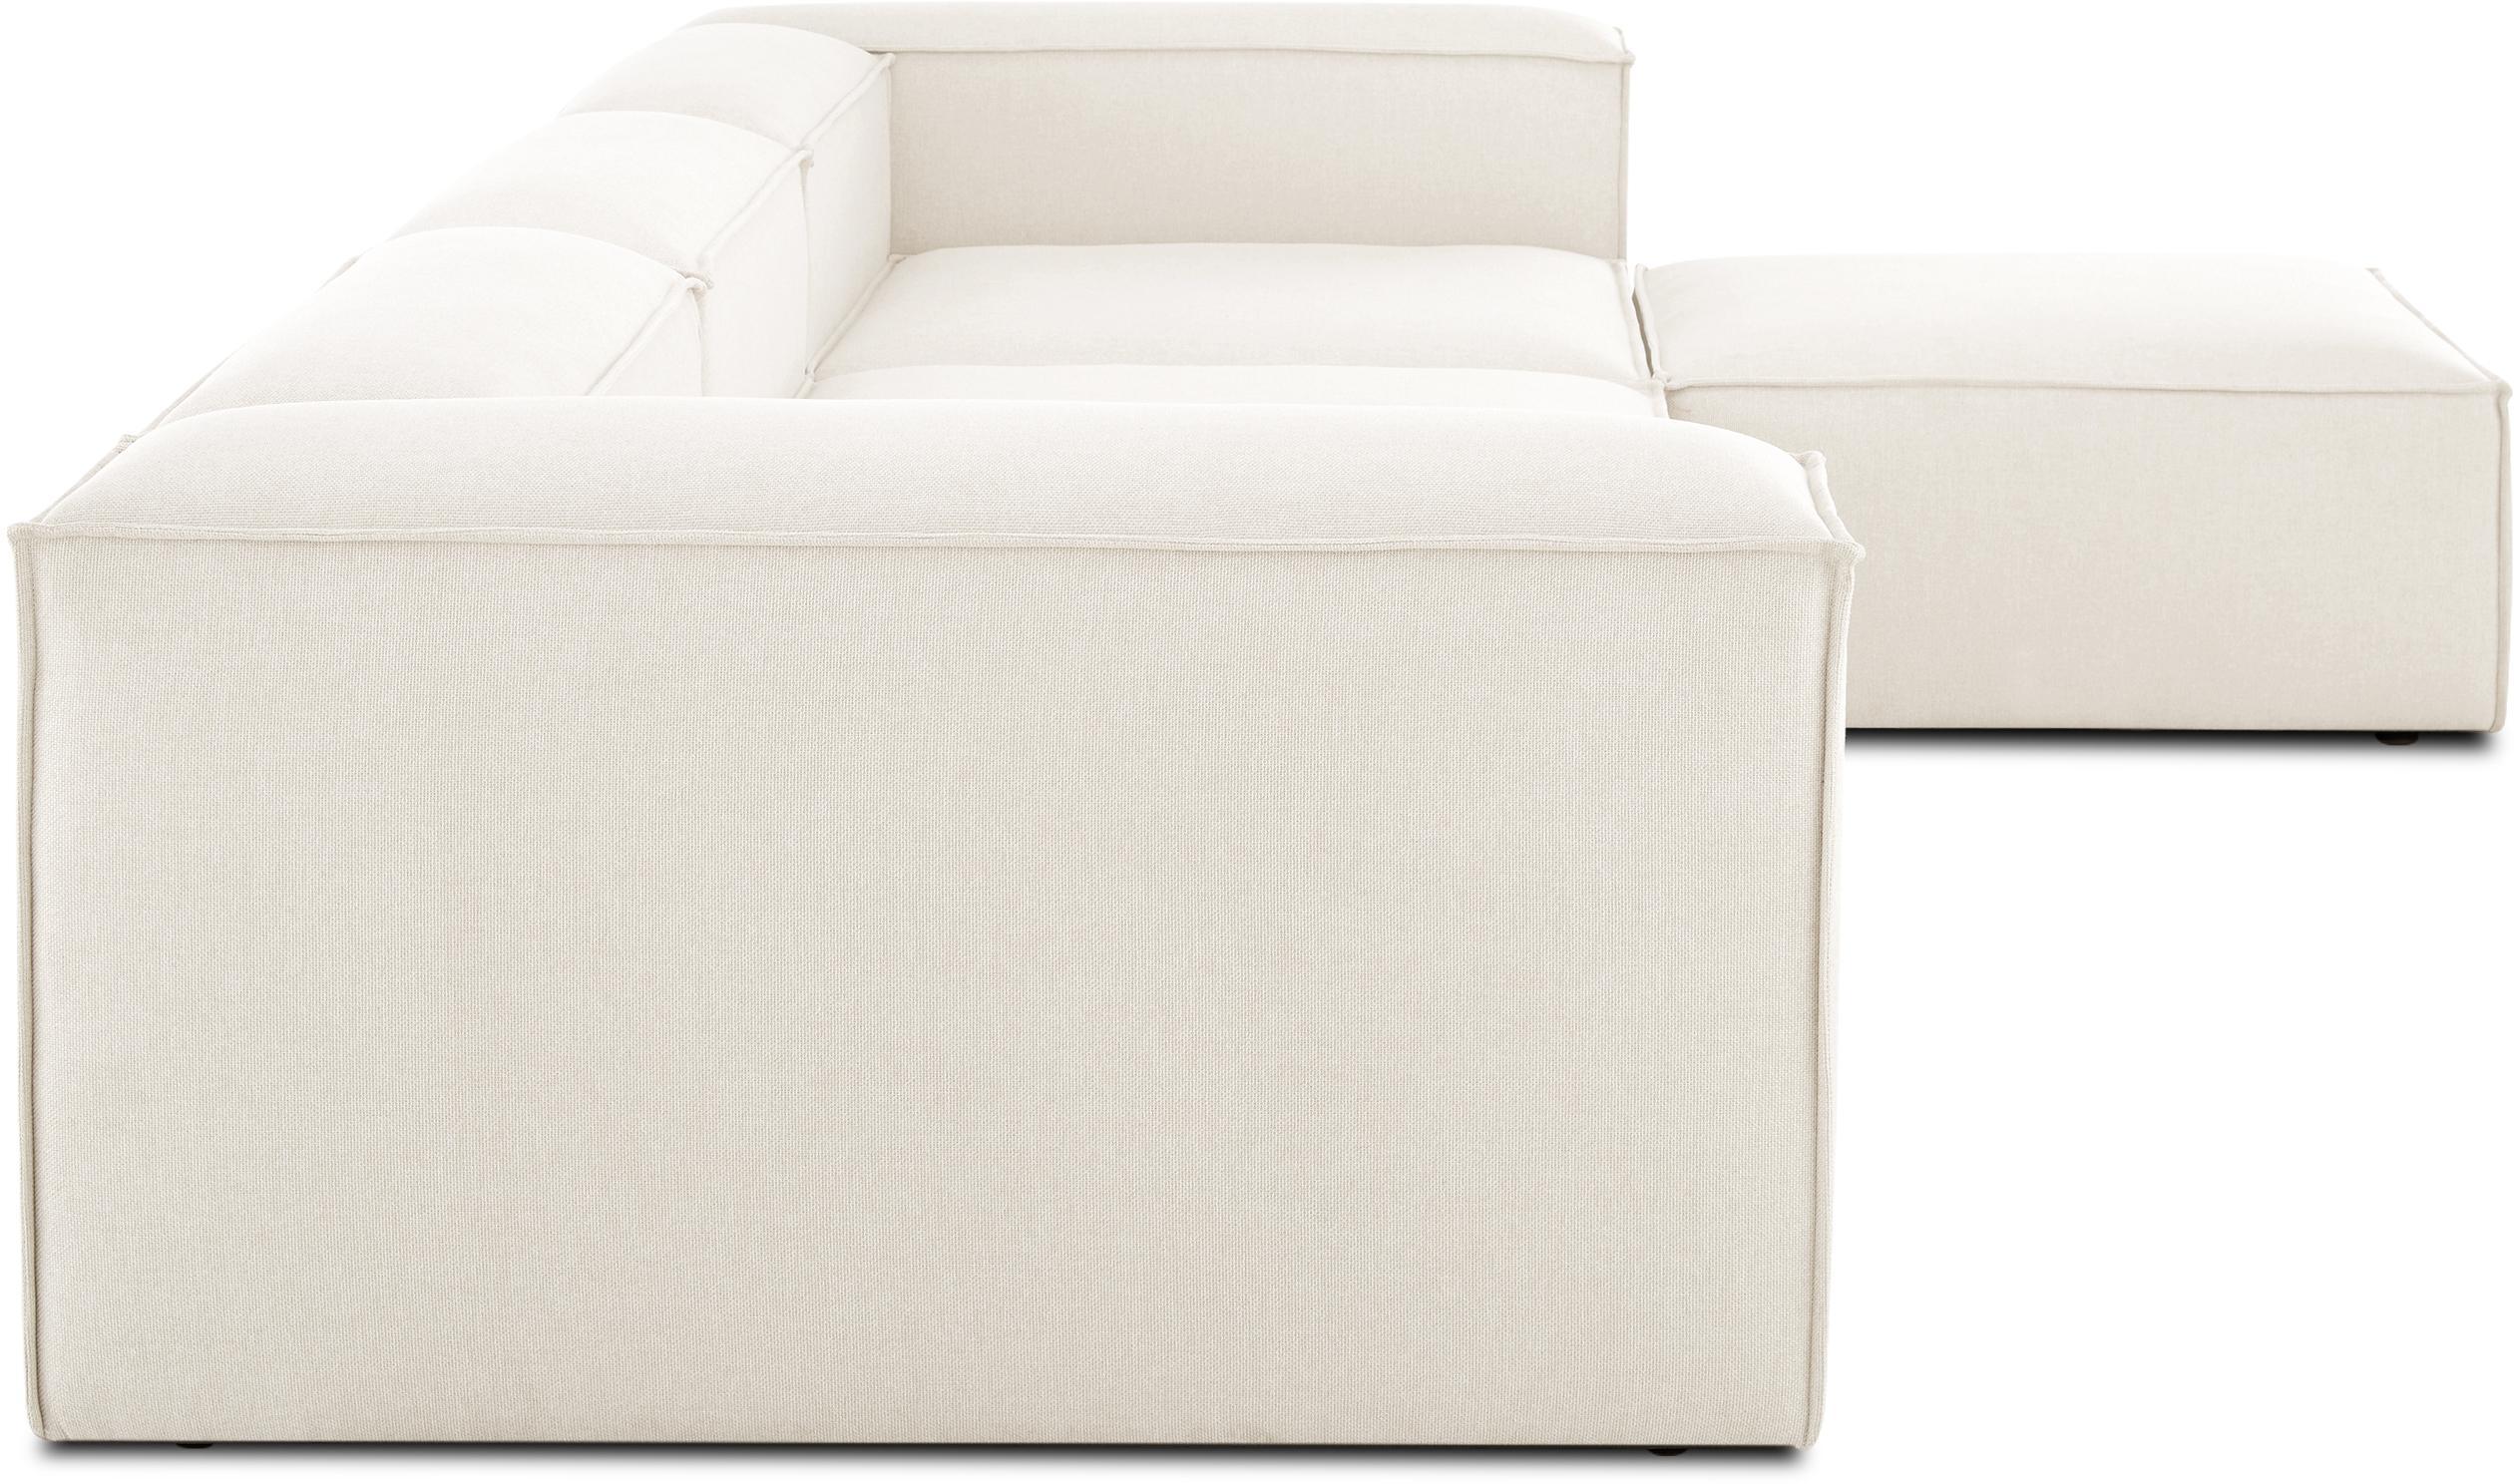 Modulaire hoekbank Lennon, Bekleding: polyester, Frame: massief grenenhout, multi, Poten: kunststof, Beige, B 333 x D 214 cm